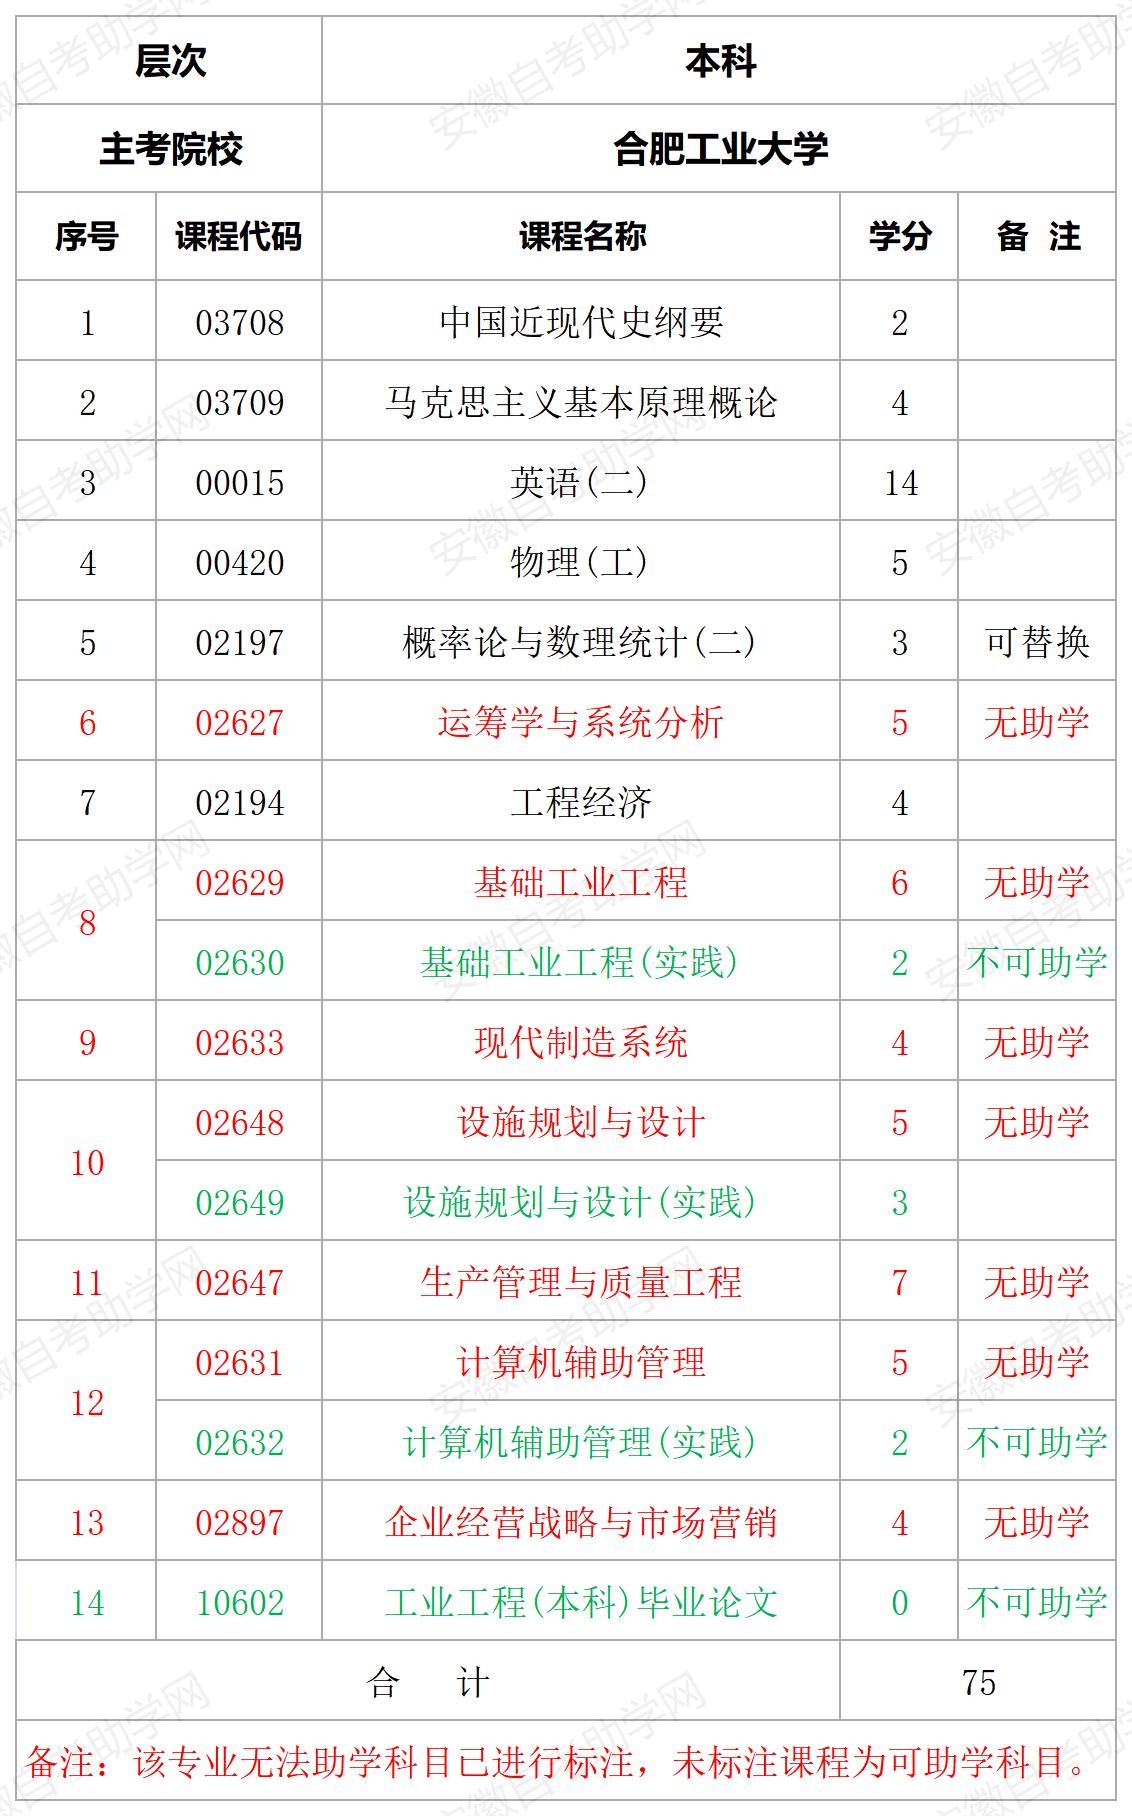 合肥工业大学工业工程本科助学课程详情表